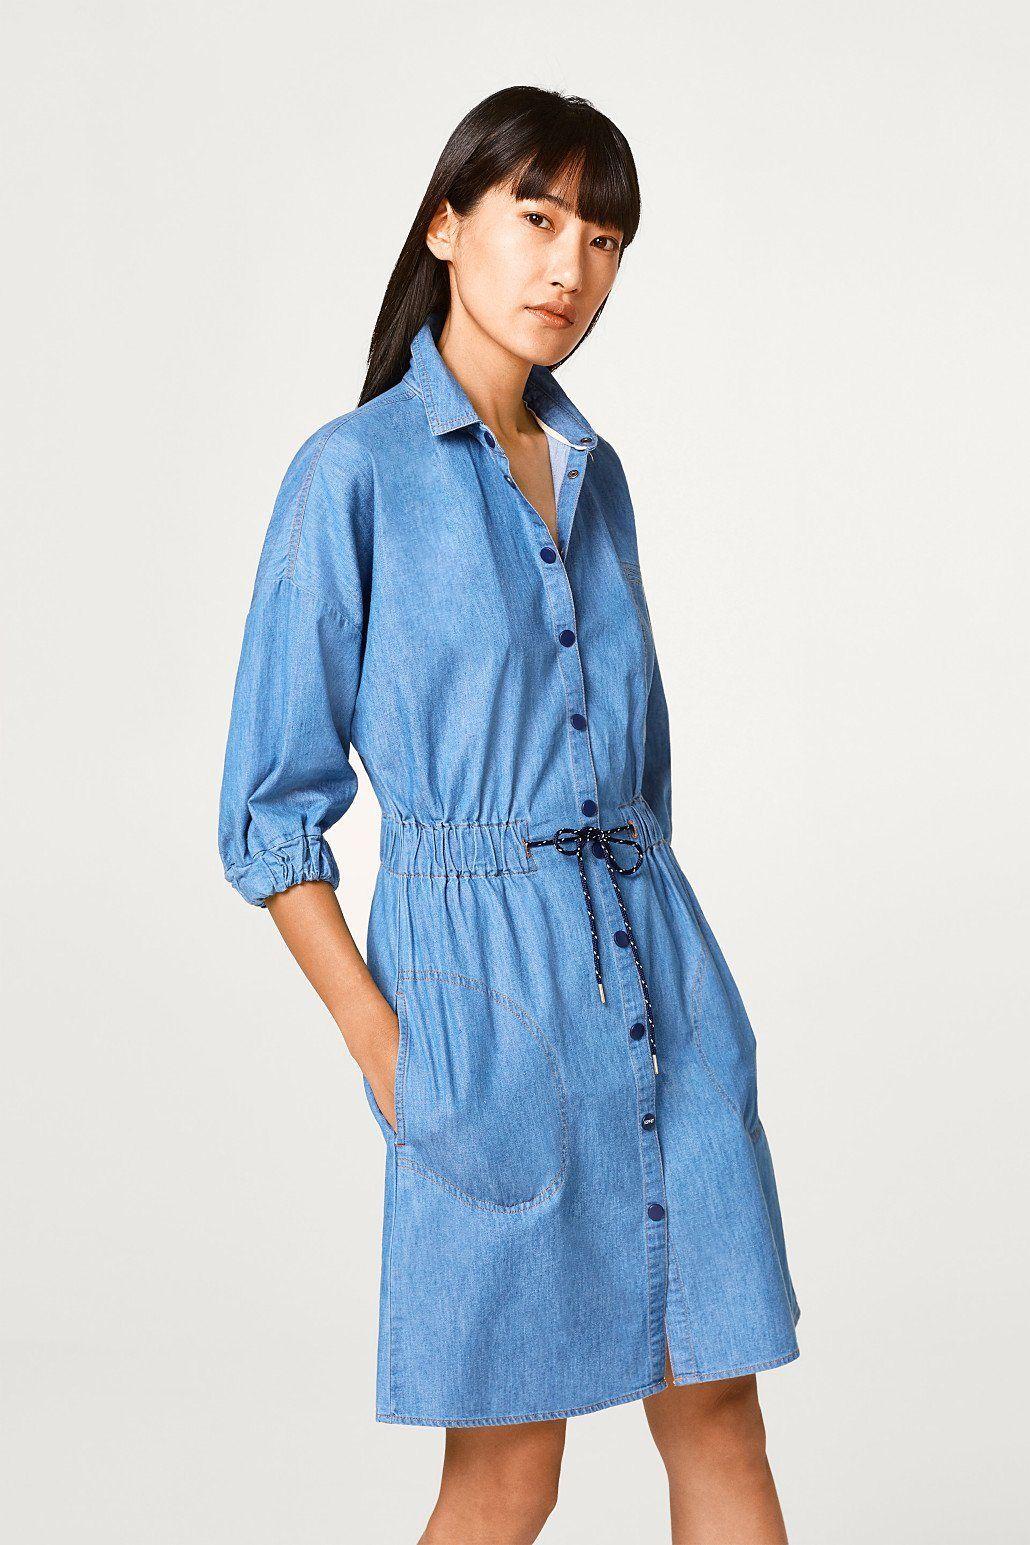 ESPRIT Tailliertes Jeanskleid aus Baumwolle Jetzt bestellen unter   https   mode.ladendirekt.de damen bekleidung kleider  jeanskleider  uid 41a0f0f3-… e4096ad619